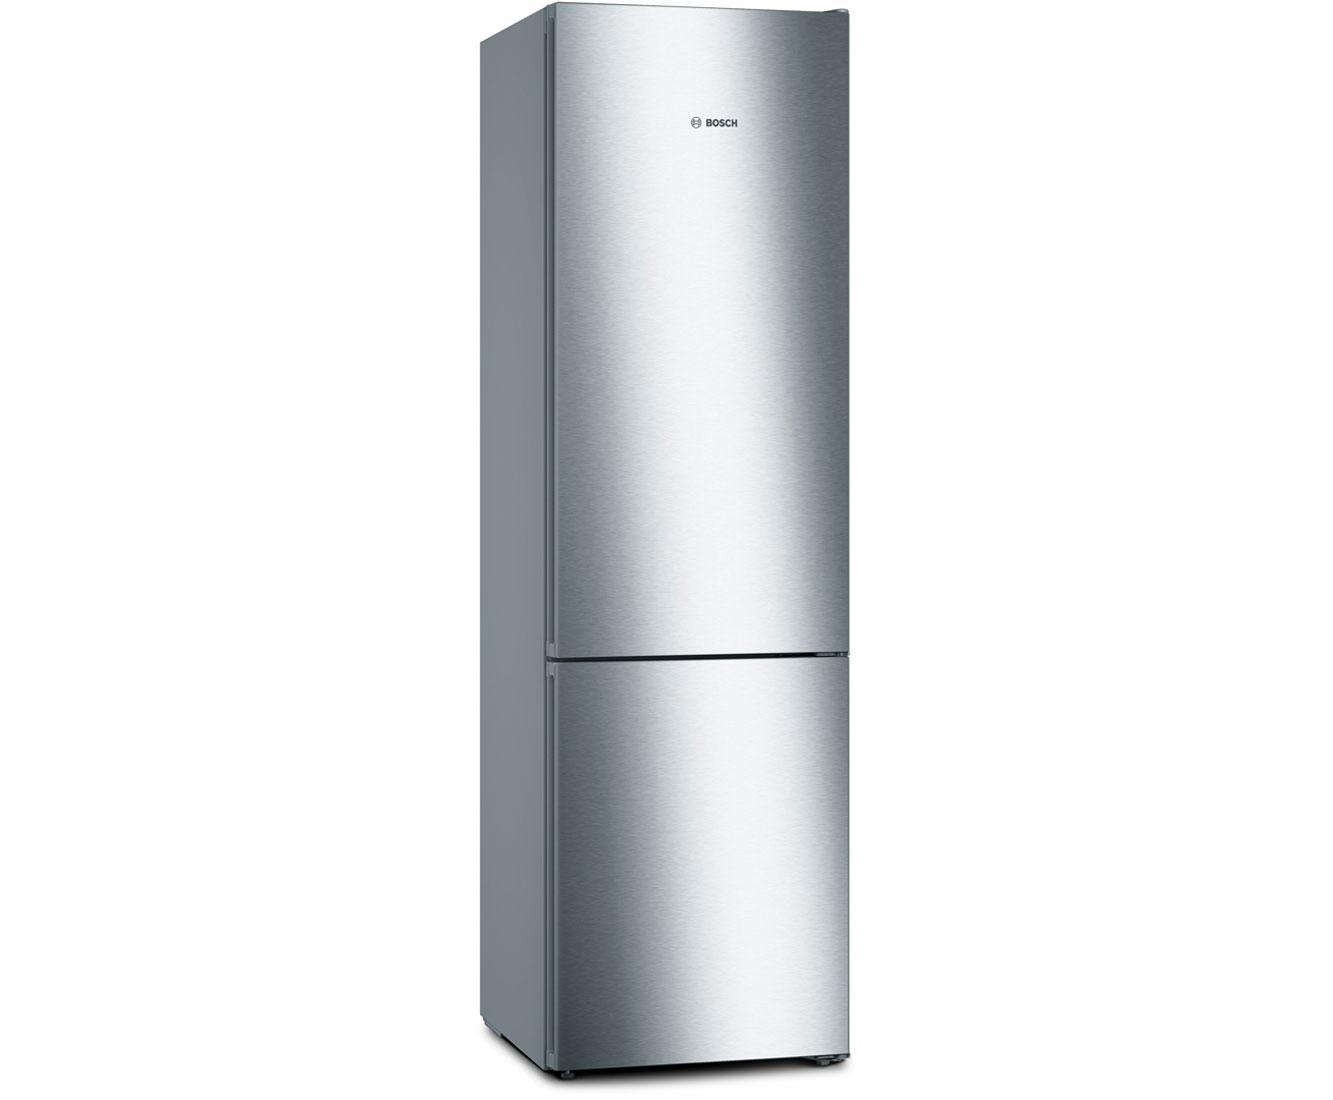 Bosch Kühlschrank Funktioniert Nicht Mehr : Bosch serie kgn vi b kühl gefrierkombination mit no frost